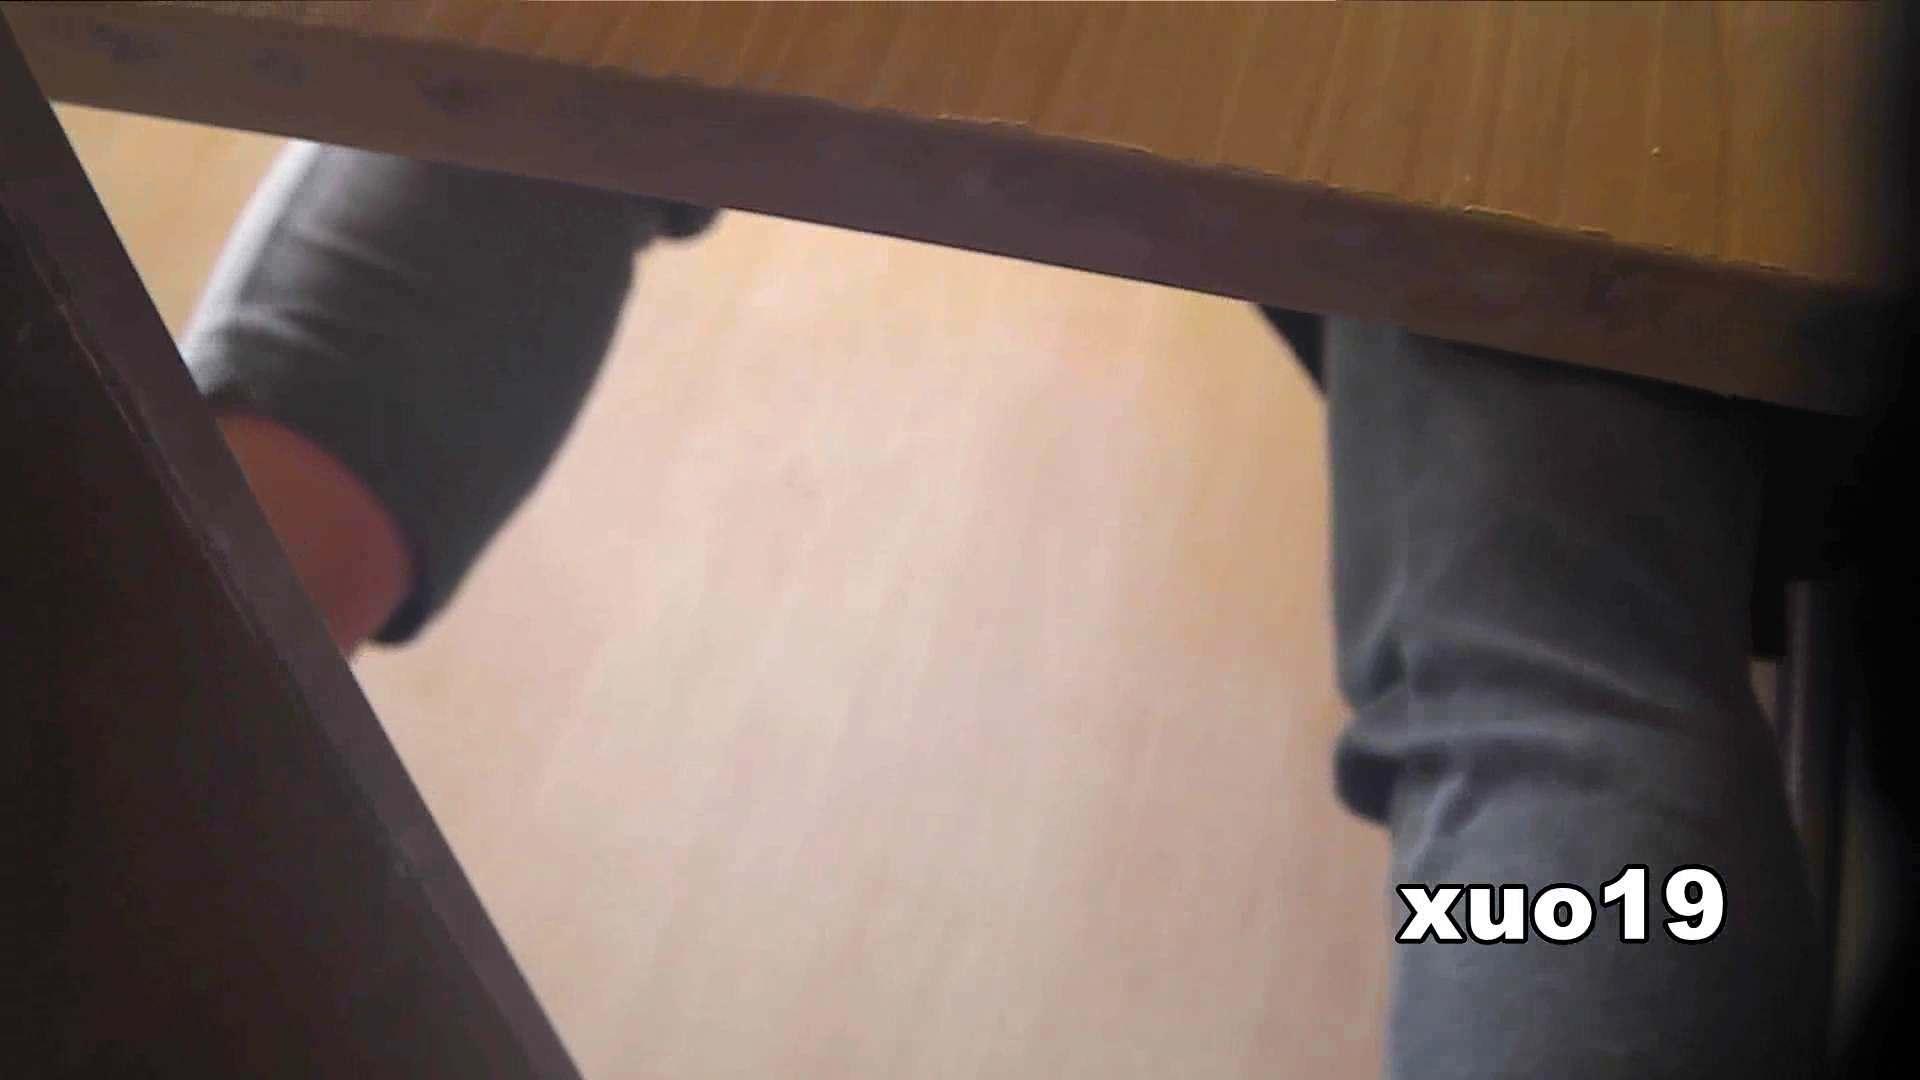 阿国ちゃんの「和式洋式七変化」No.19 キラキラ系 お姉さん  111PIX 58